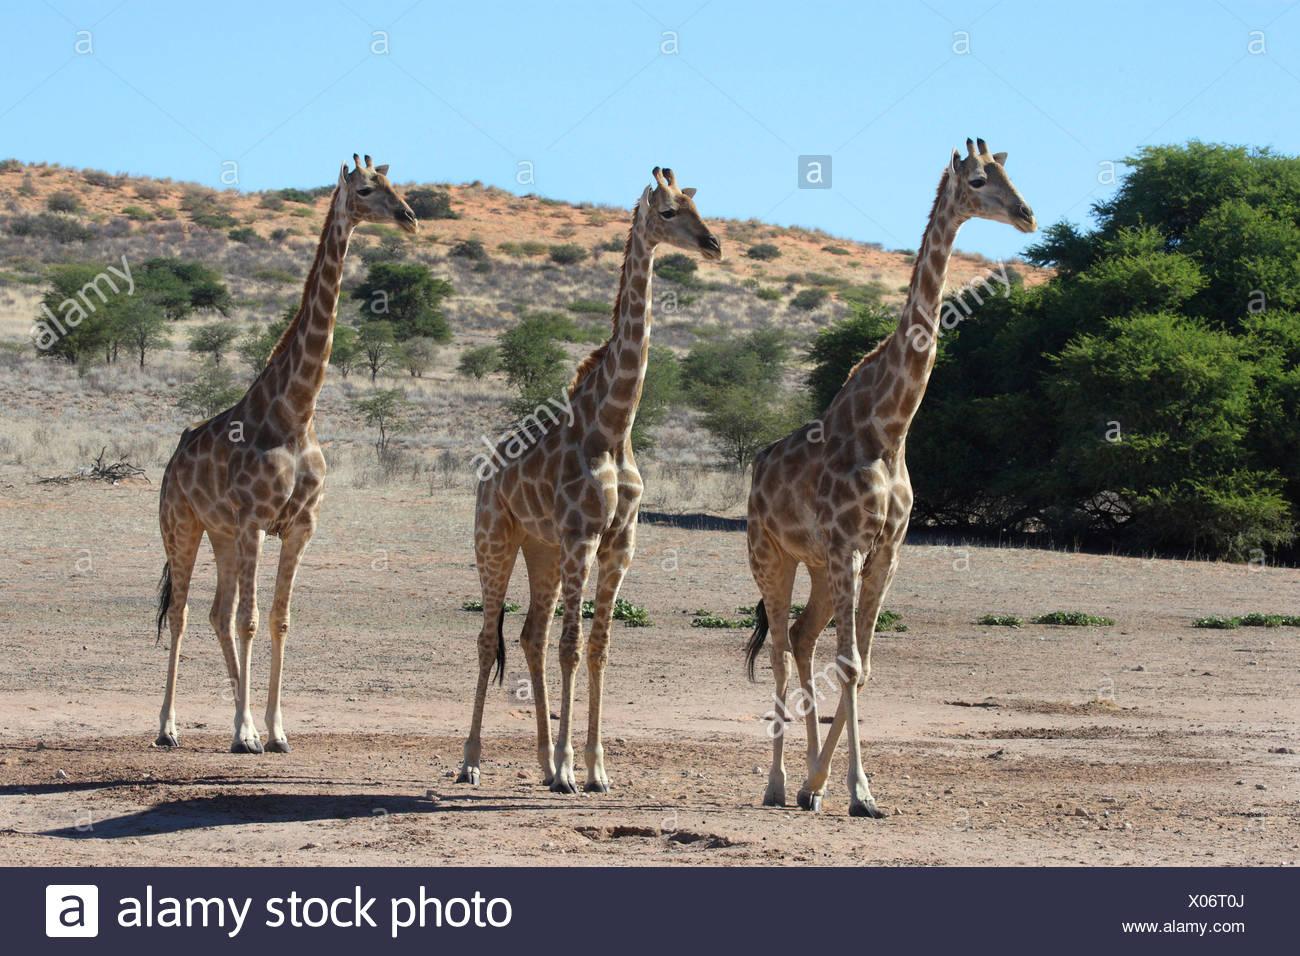 Girafe (Giraffa camelopardalis), trois animaux, marchant à travers la steppe côte à côte, Afrique du Sud, le parc transfrontalier Kgalagadi NP Photo Stock